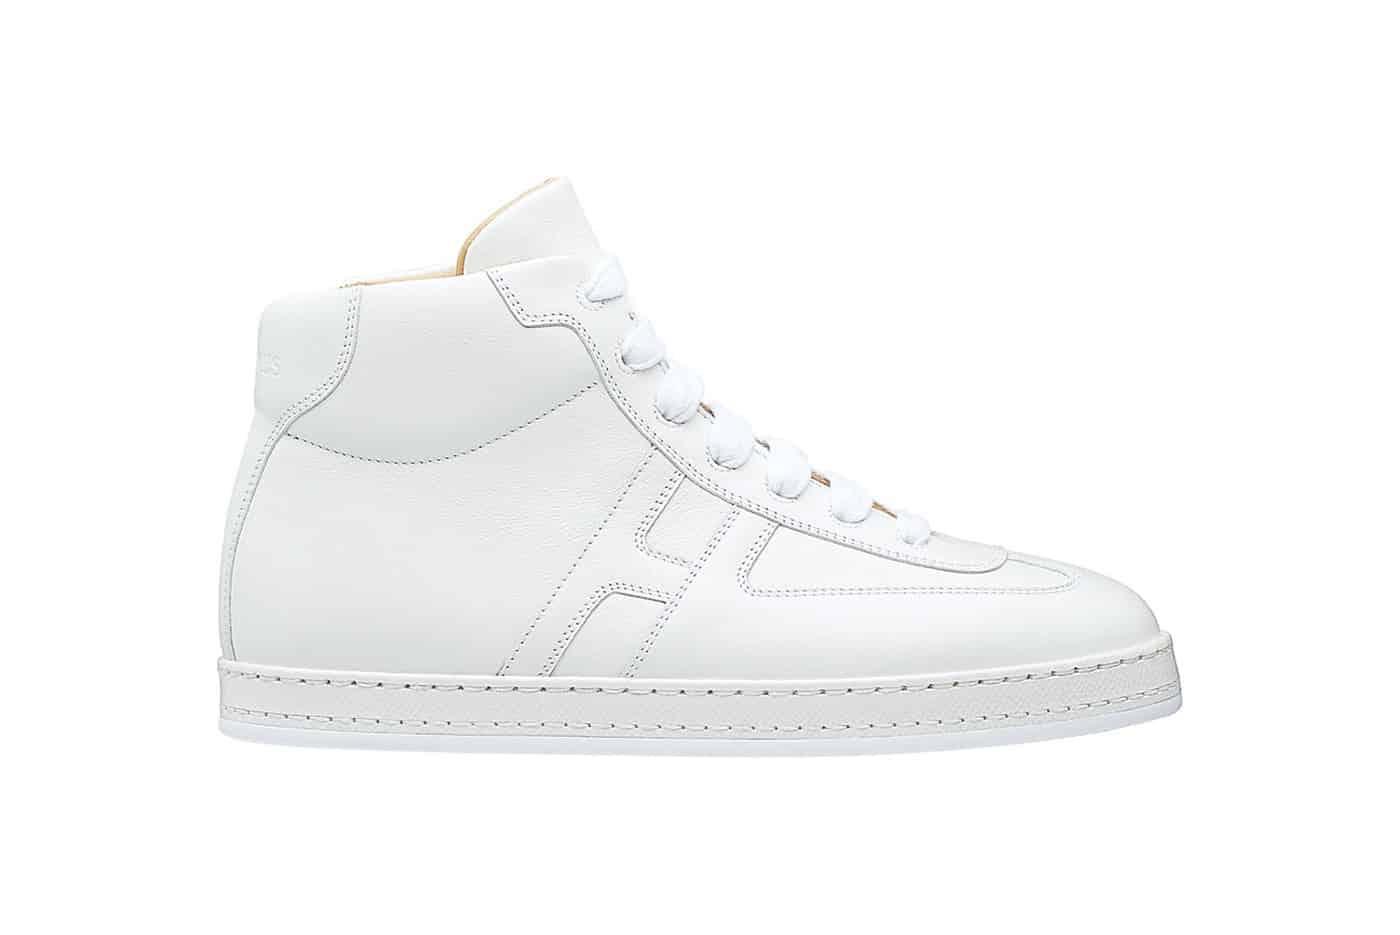 Có thể gắn bánh xe hoặc tháo rời khỏi giày để nó trở thành một đôi sneaker bình thường